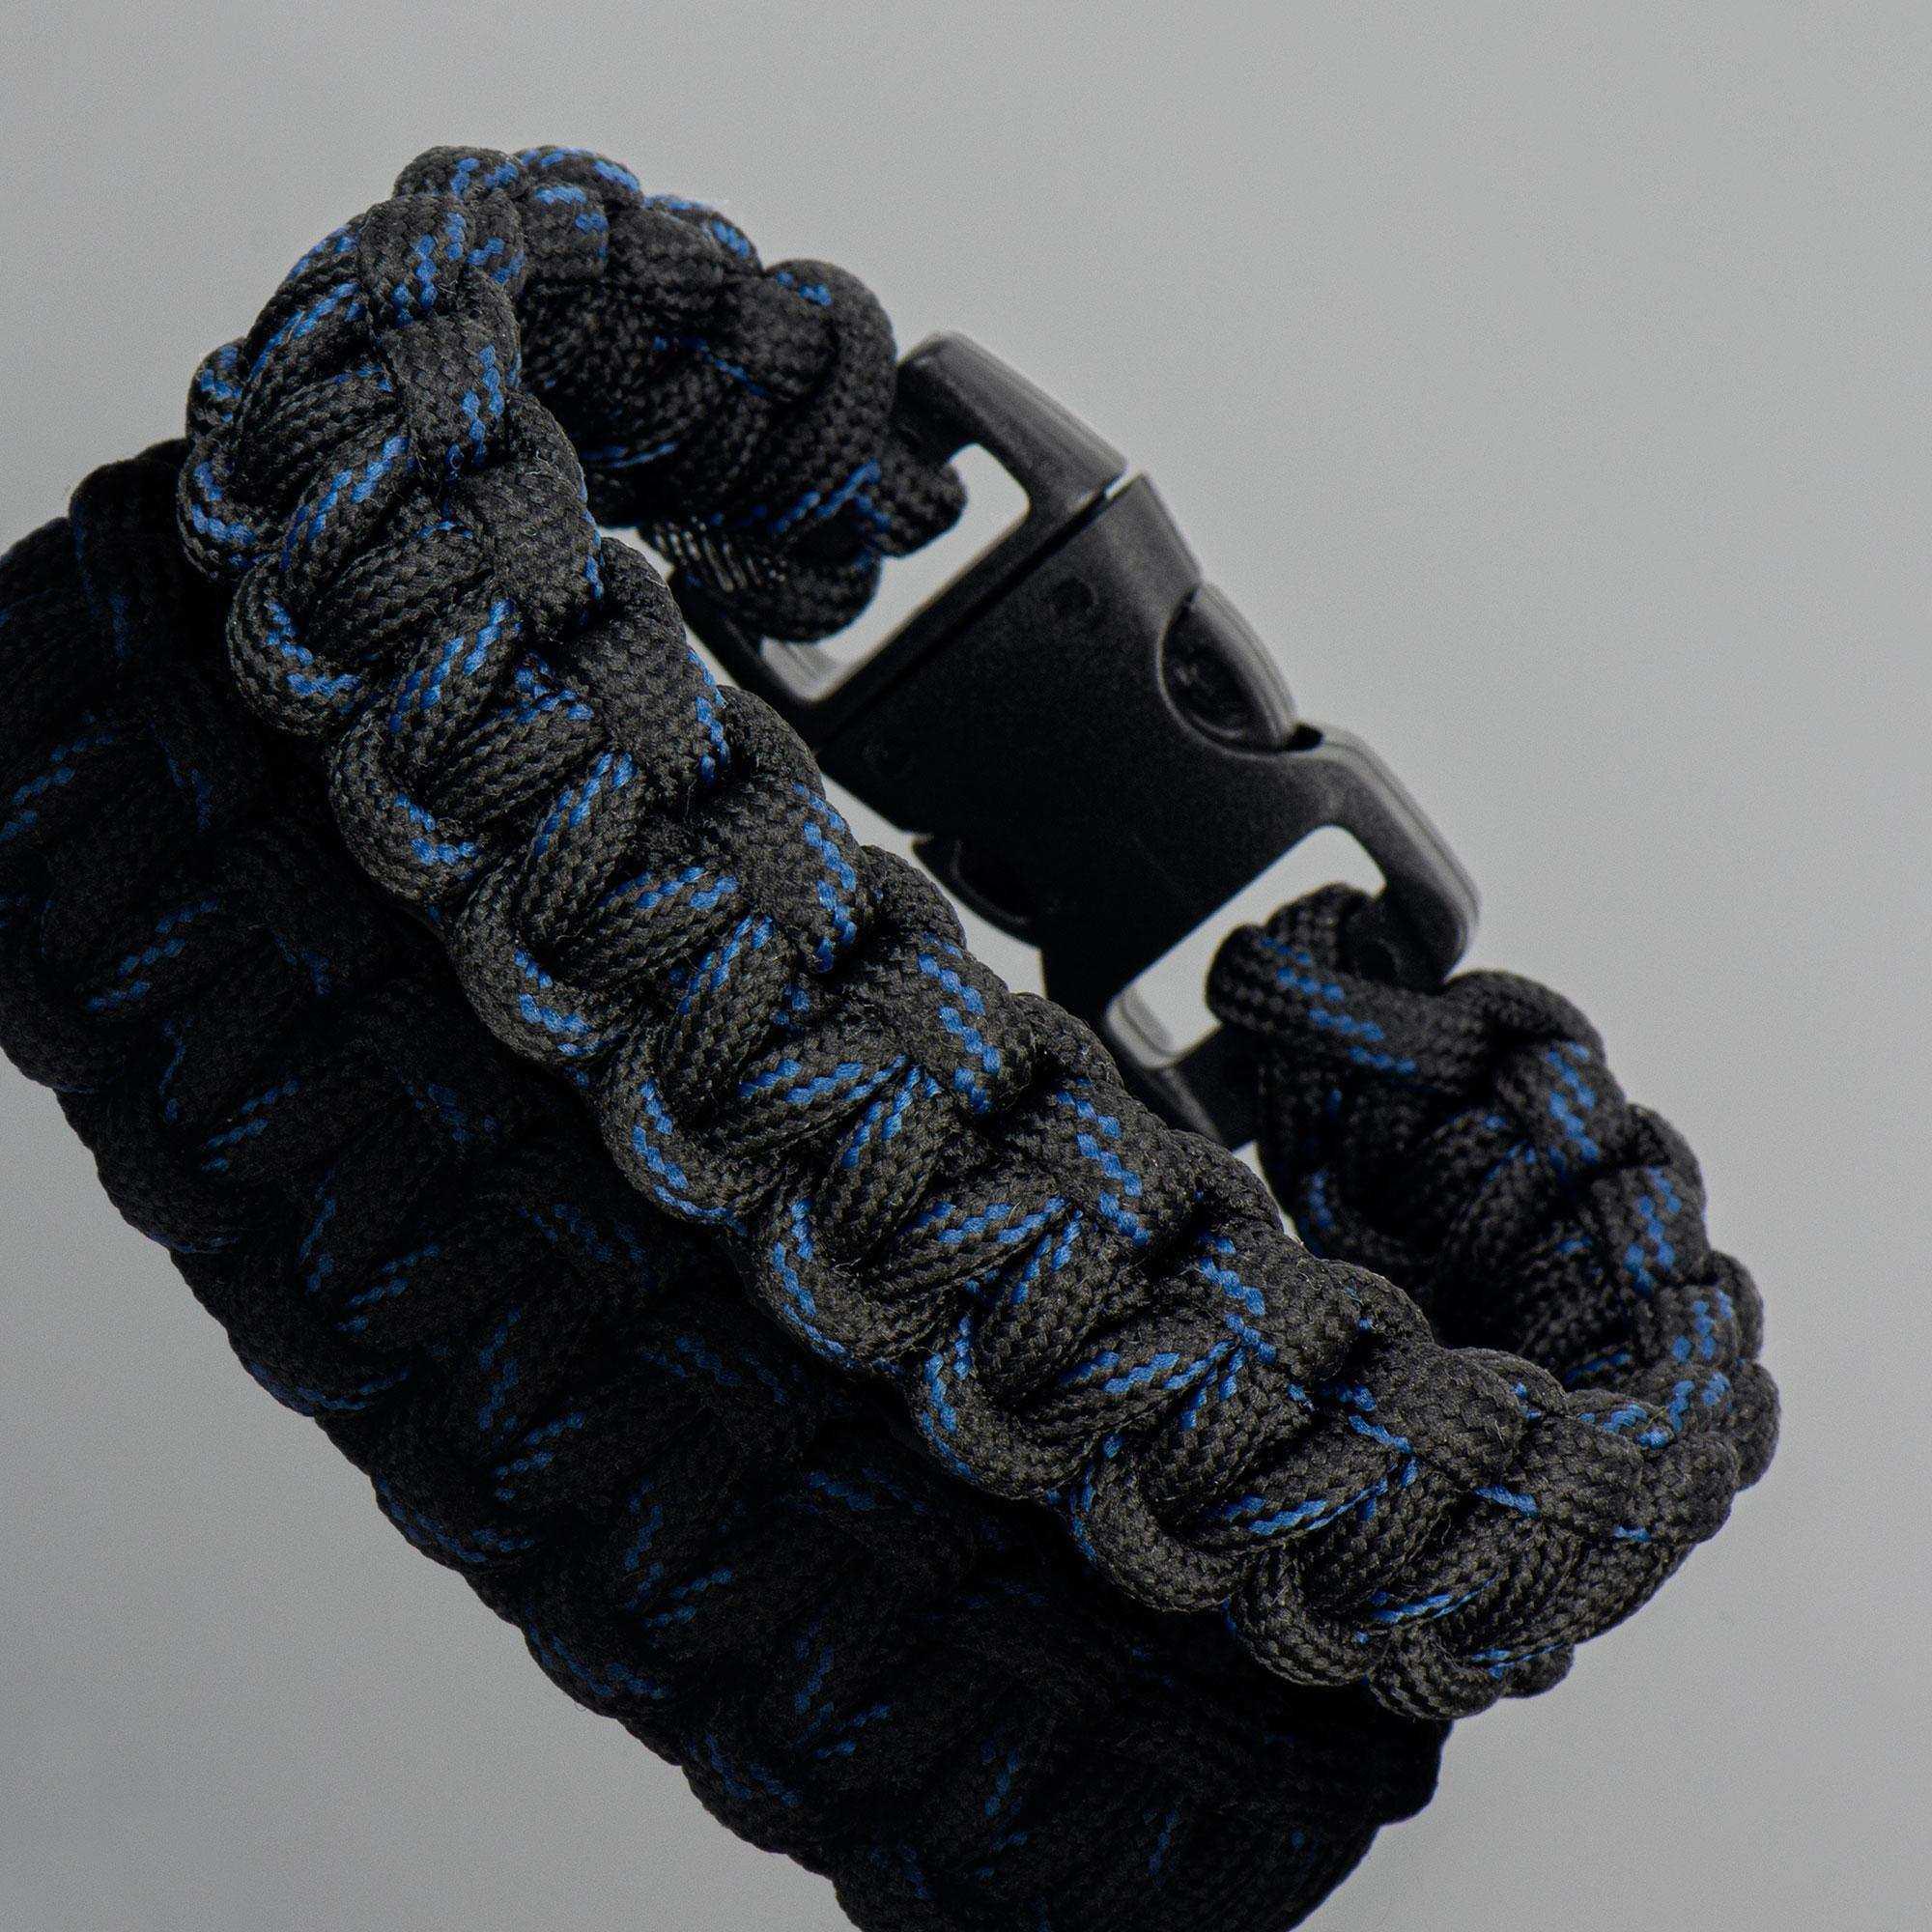 Siyah Mavi Survival Paracord Kamp Bilekliği - PAR0111